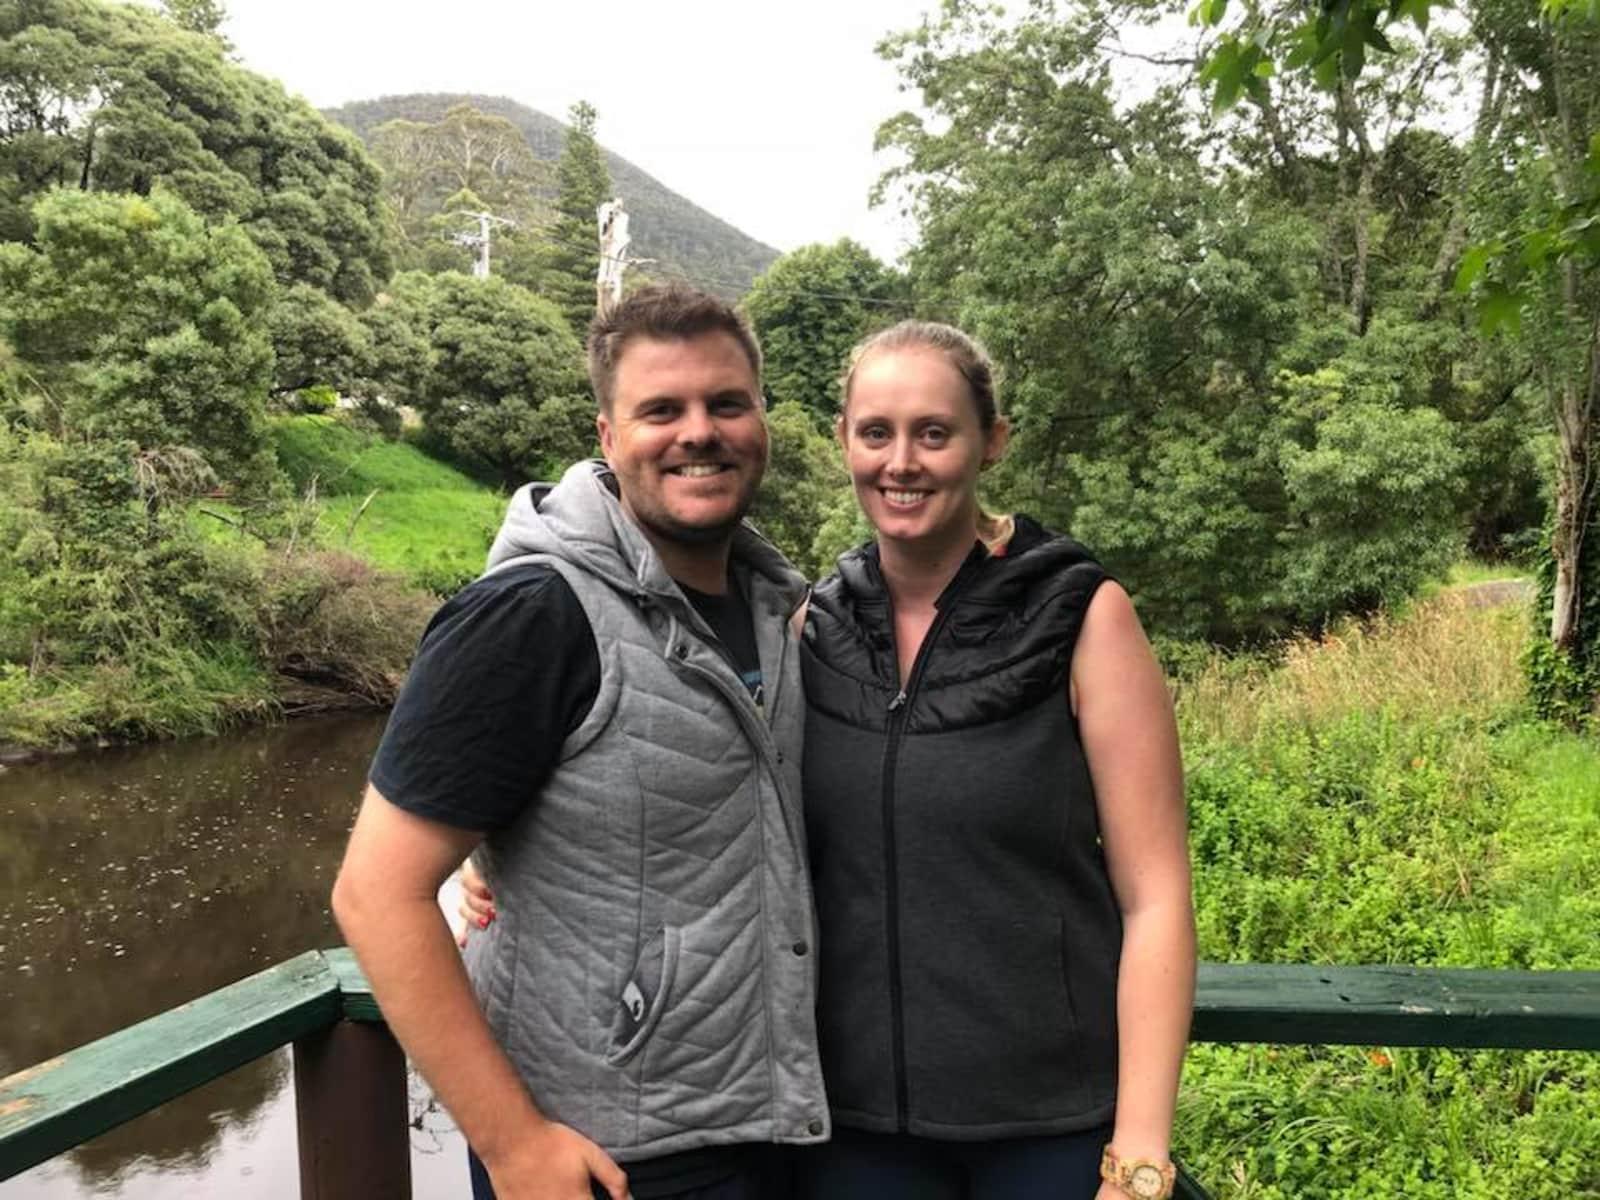 Jessica & Daniel from North Melbourne, Victoria, Australia